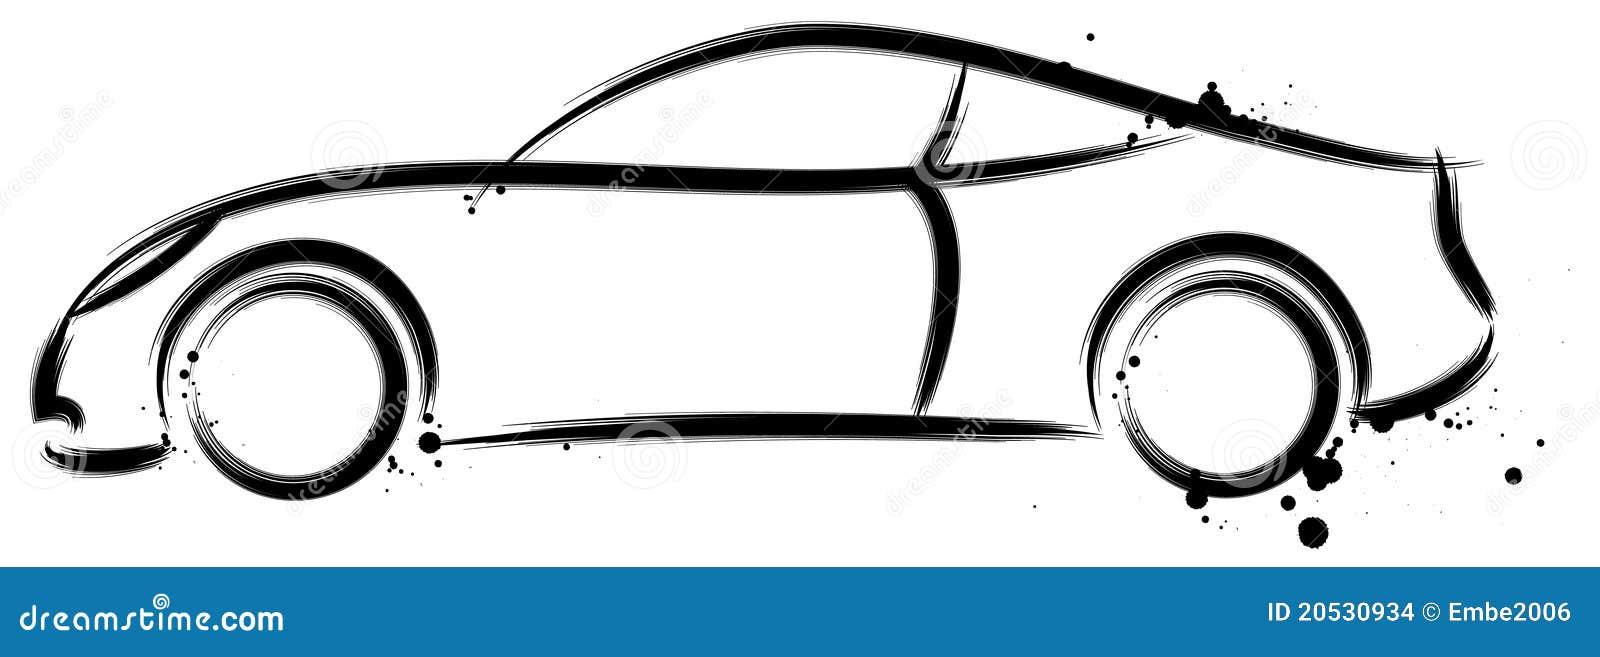 Profil de voiture de sport illustration de vecteur illustration du conception 20530934 - Voiture profil dessin ...